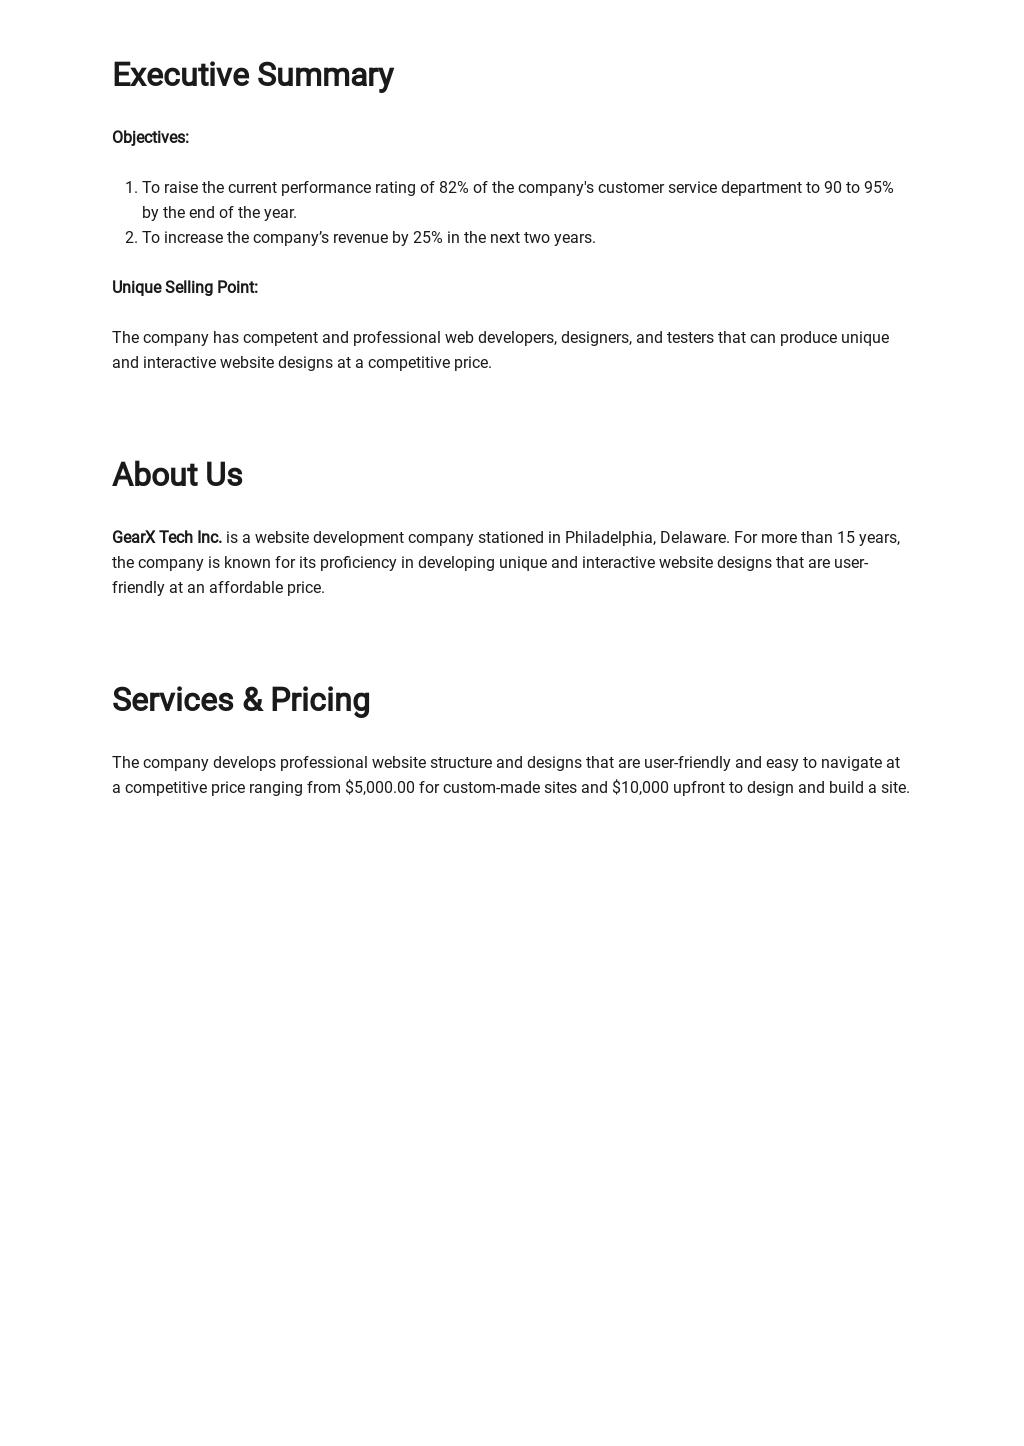 Web Design & Development Business Plan Template 1.jpe